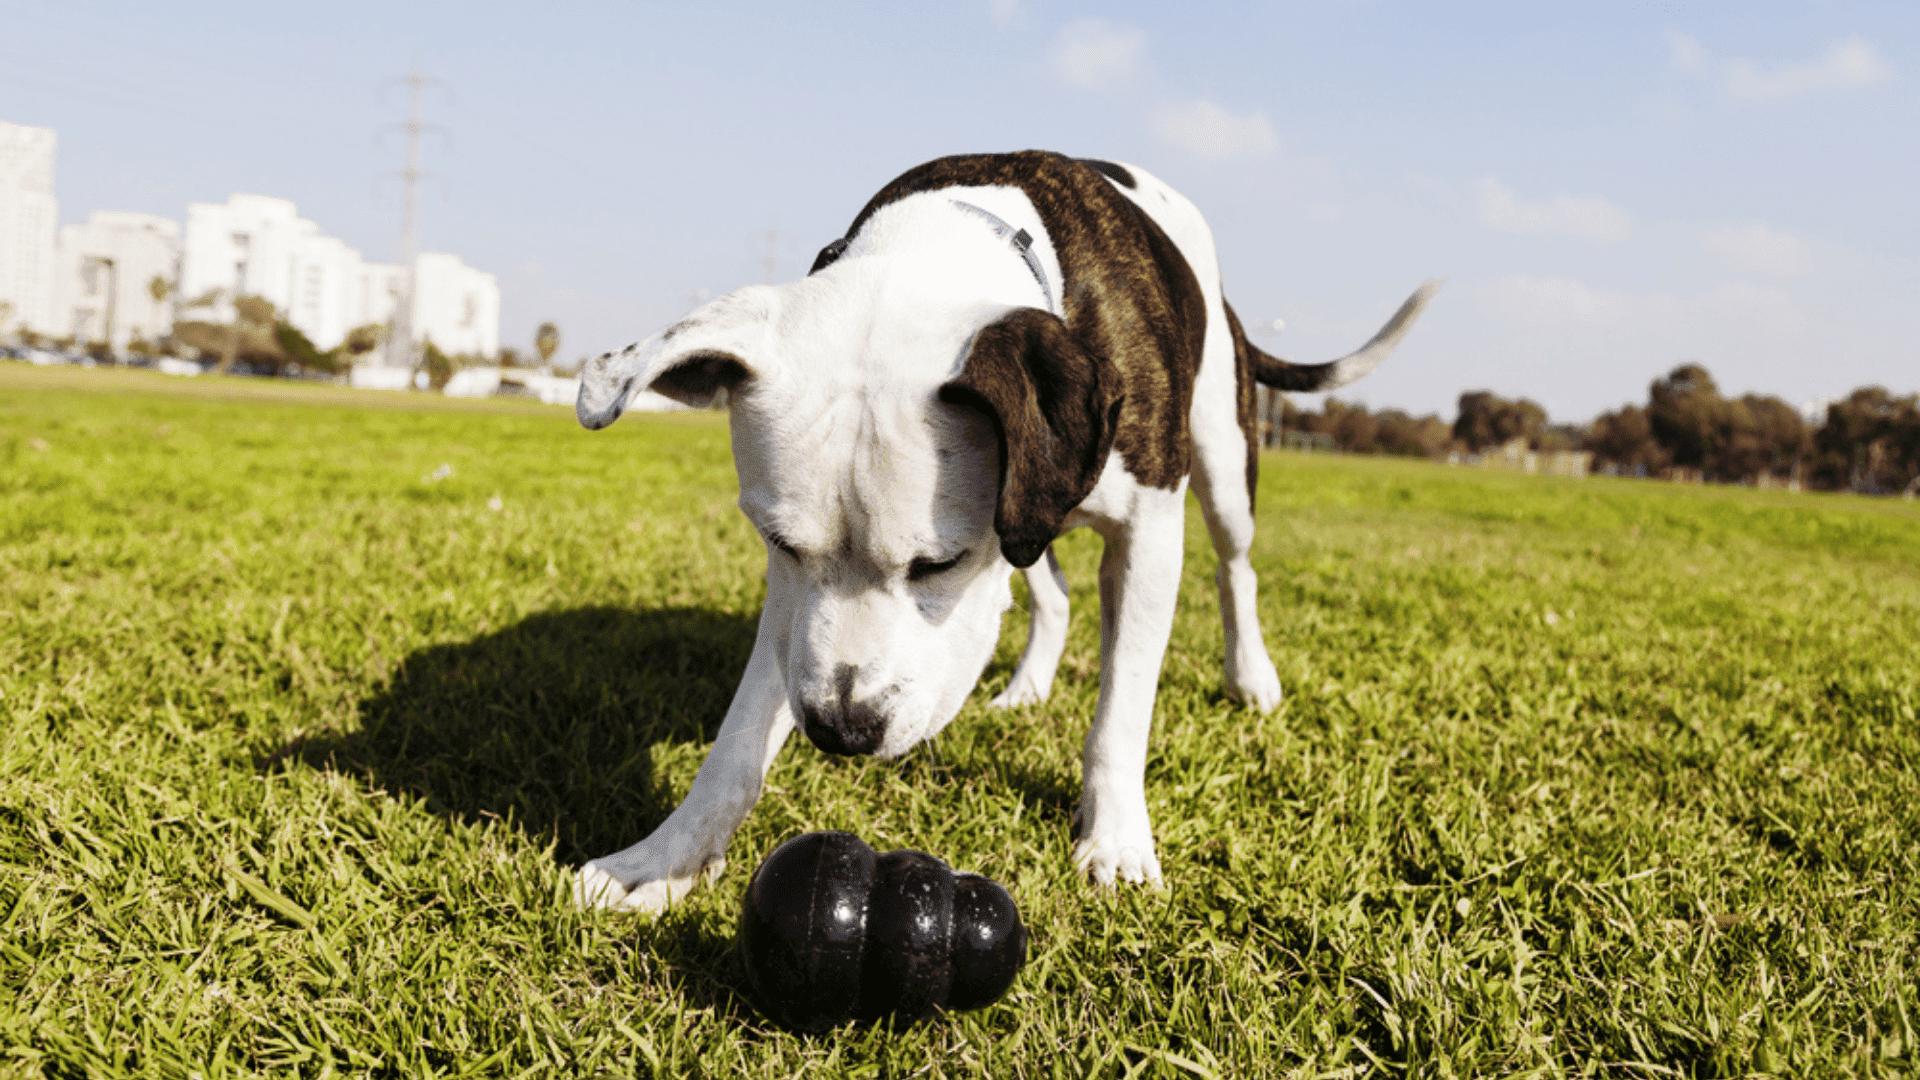 O brinquedo de esconder petiscos estimula a inteligência do cão (Reprodução/Shutterstock)